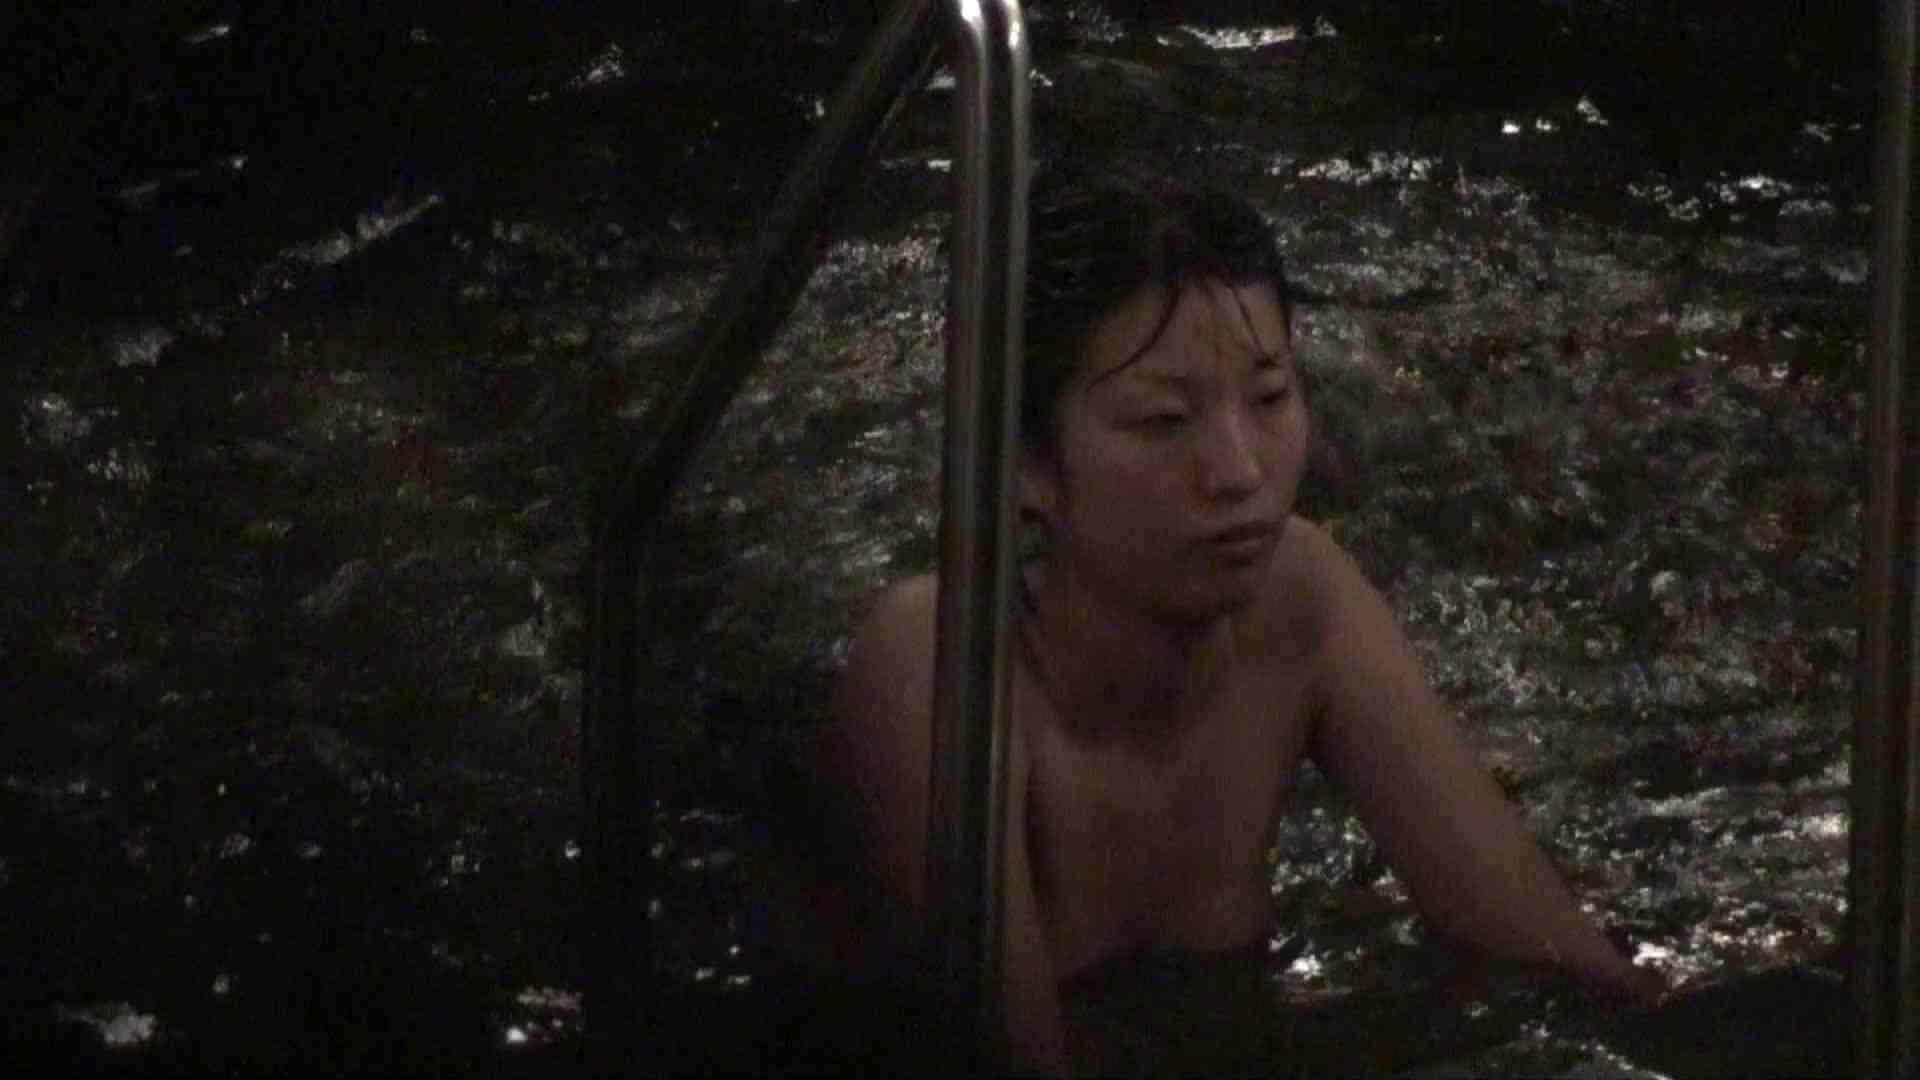 Aquaな露天風呂Vol.379 OL  90pic 46